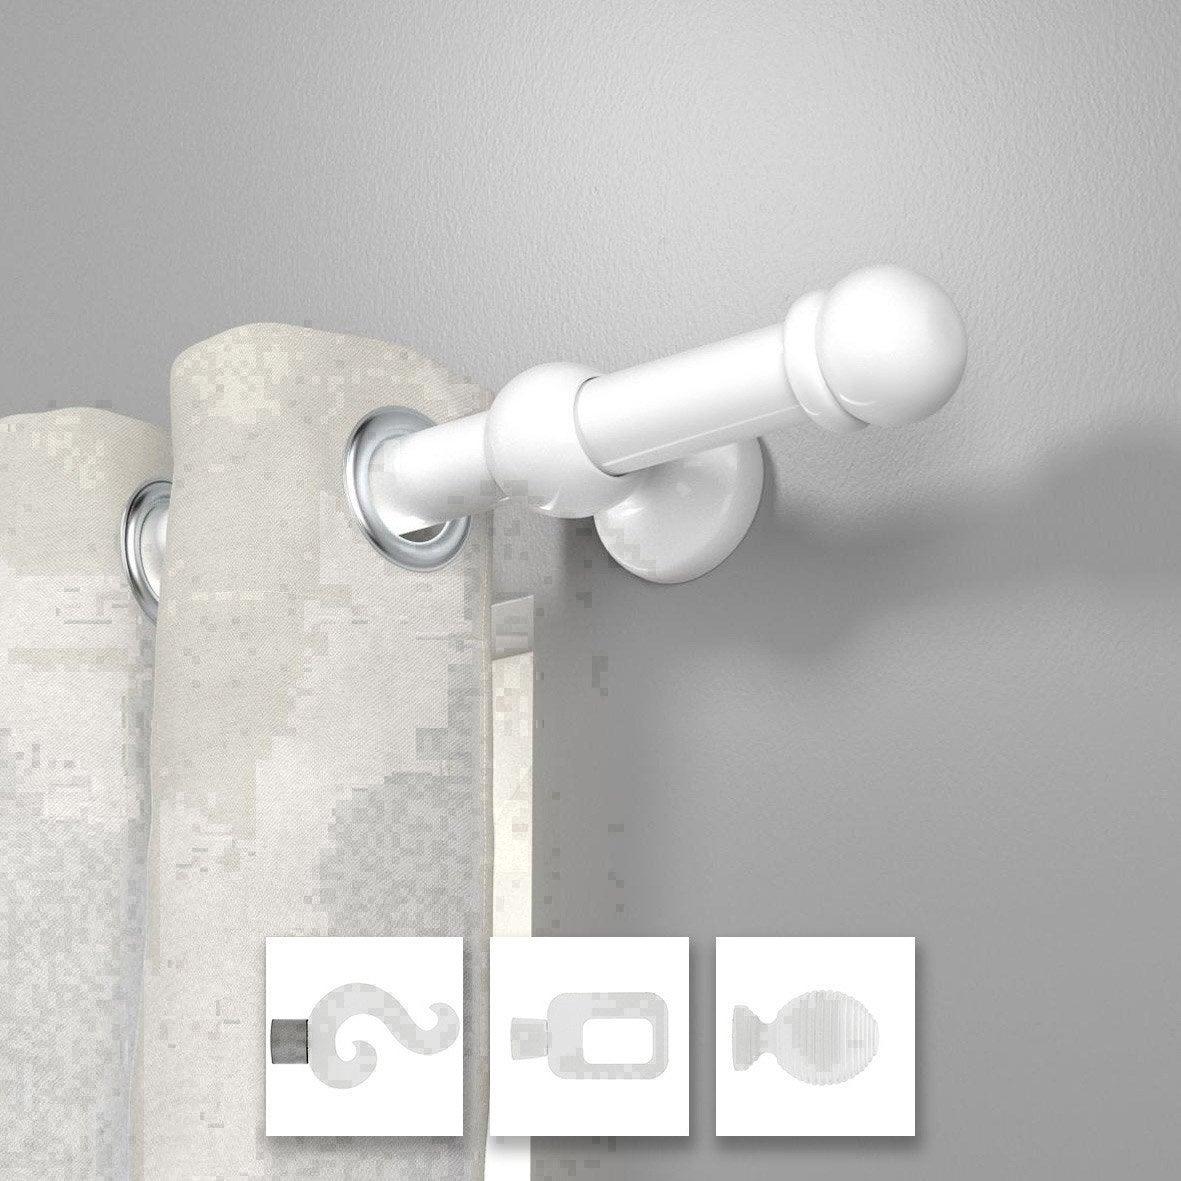 Tringle rideau blanc brillant 150 cm inspire leroy merlin - Leroy merlin tringle a rideau ...